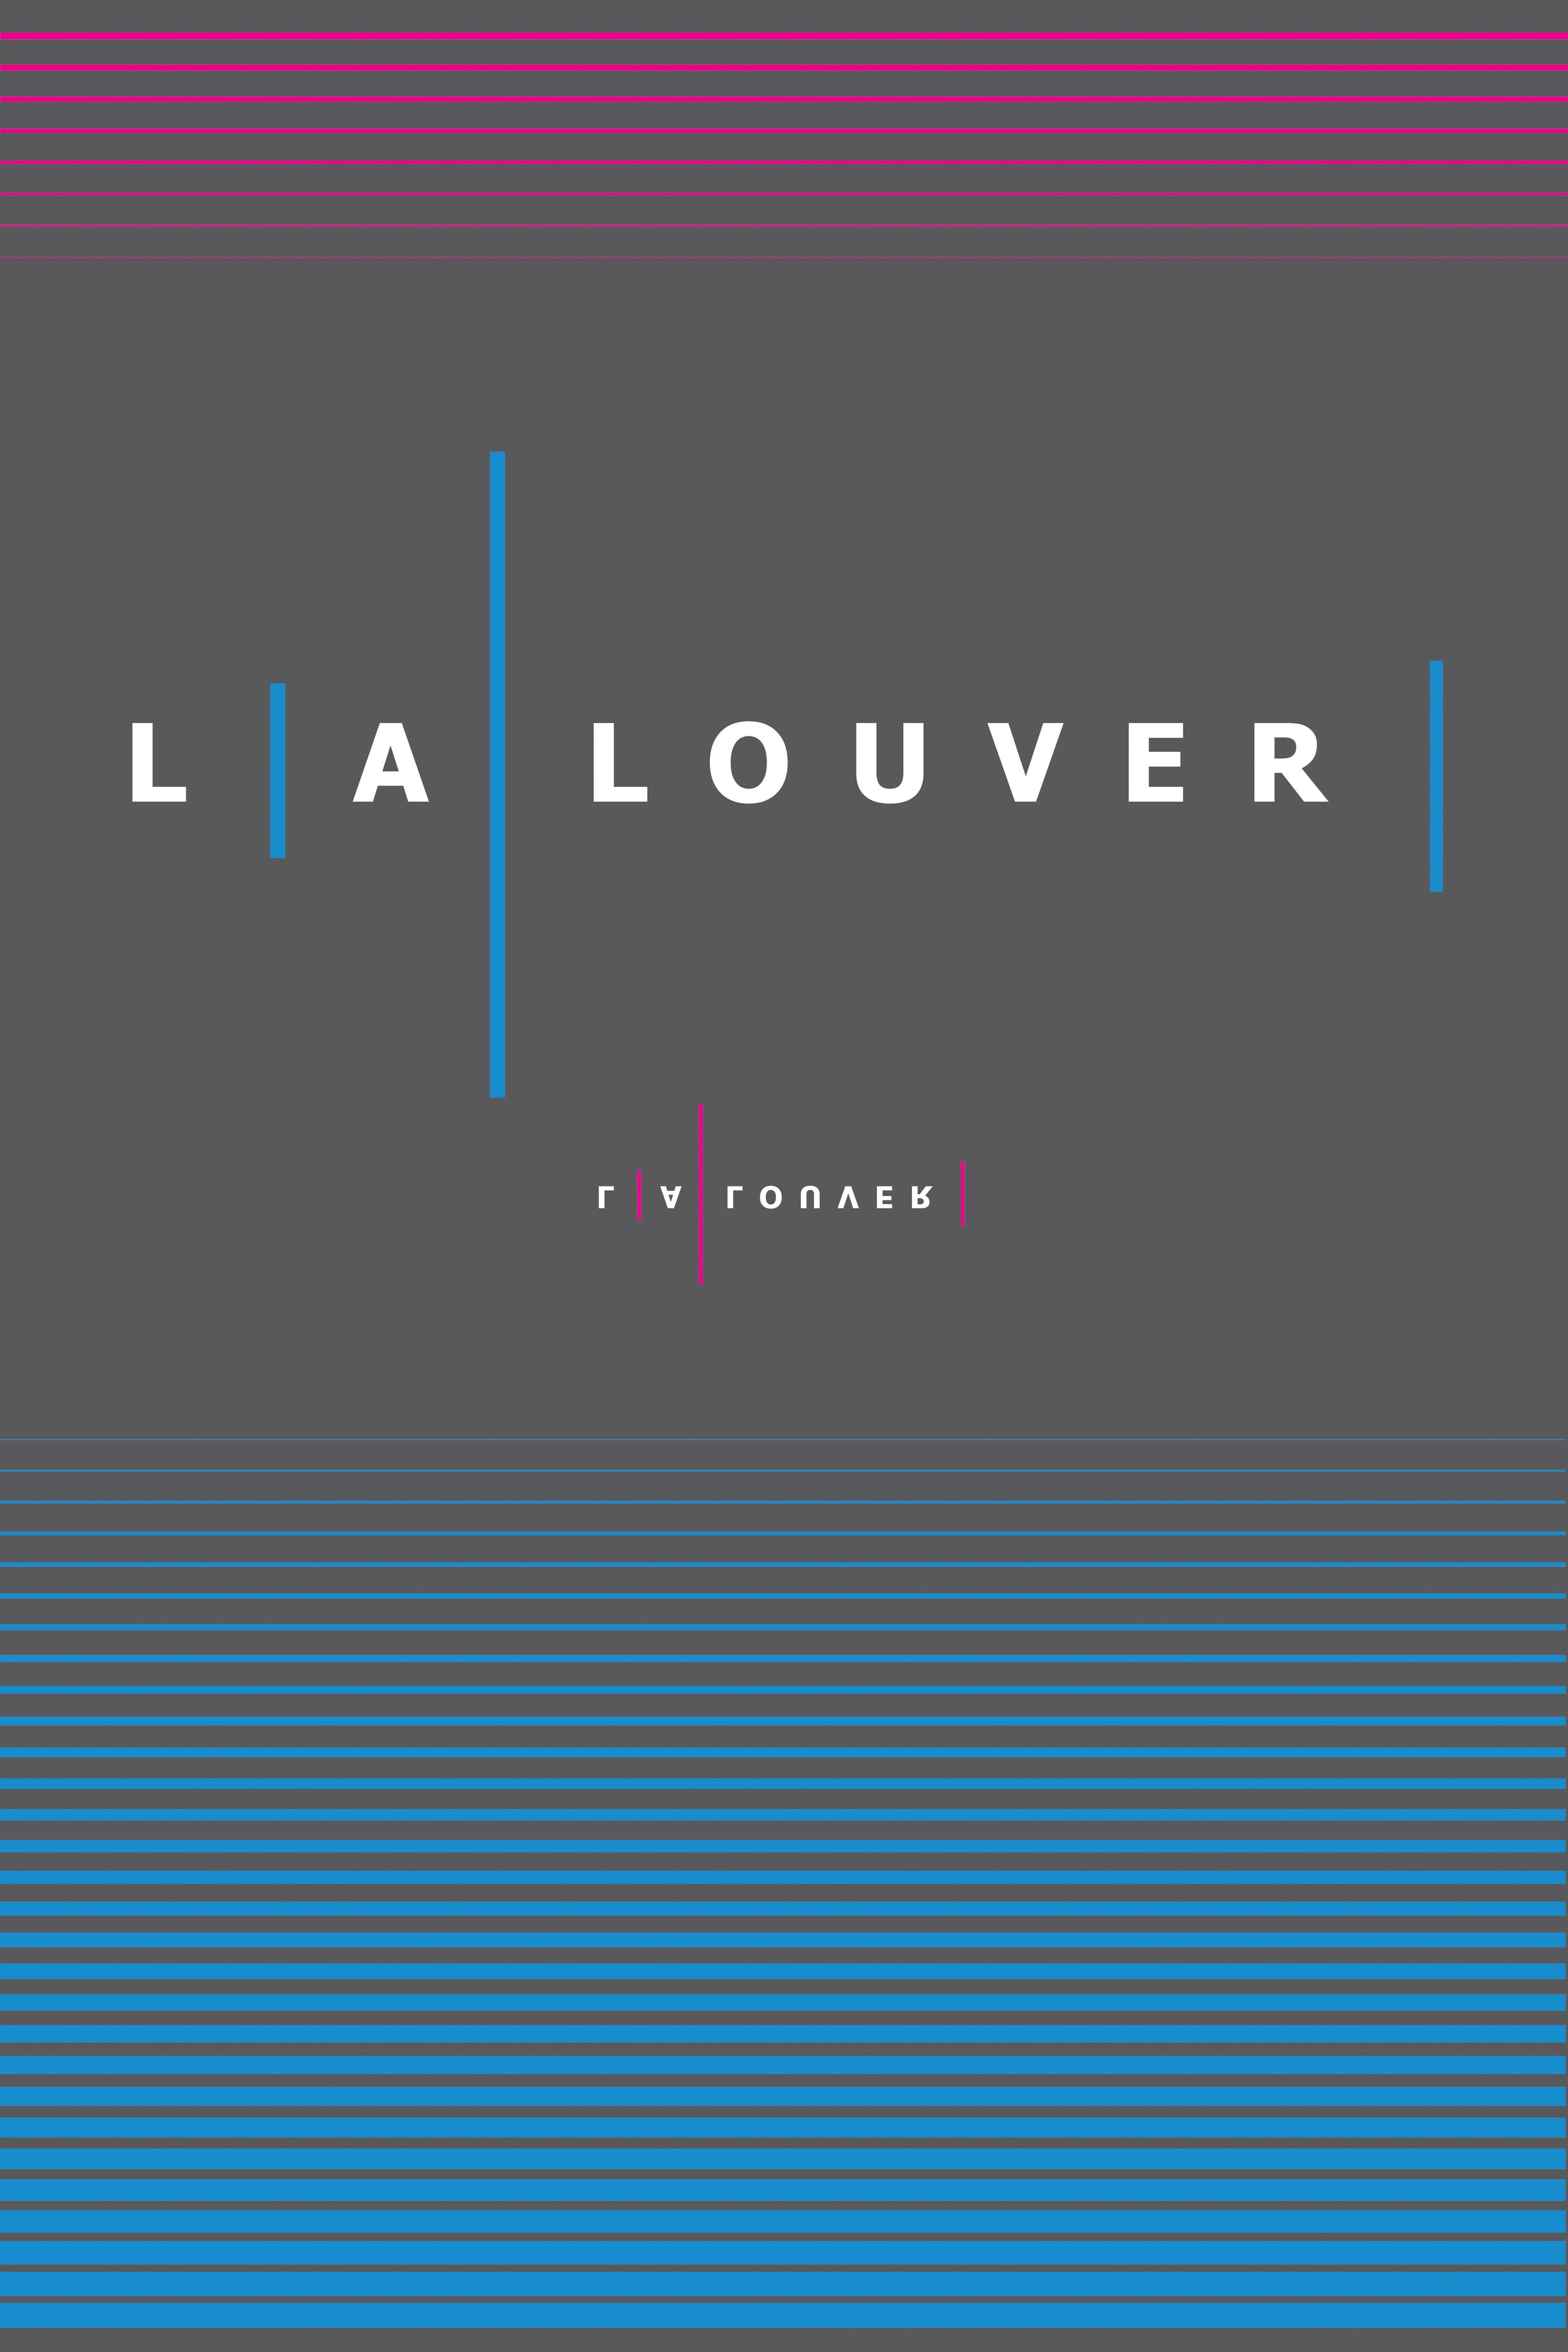 2013, LA Louver Gallery - 37 artists; 78% male, 22% female